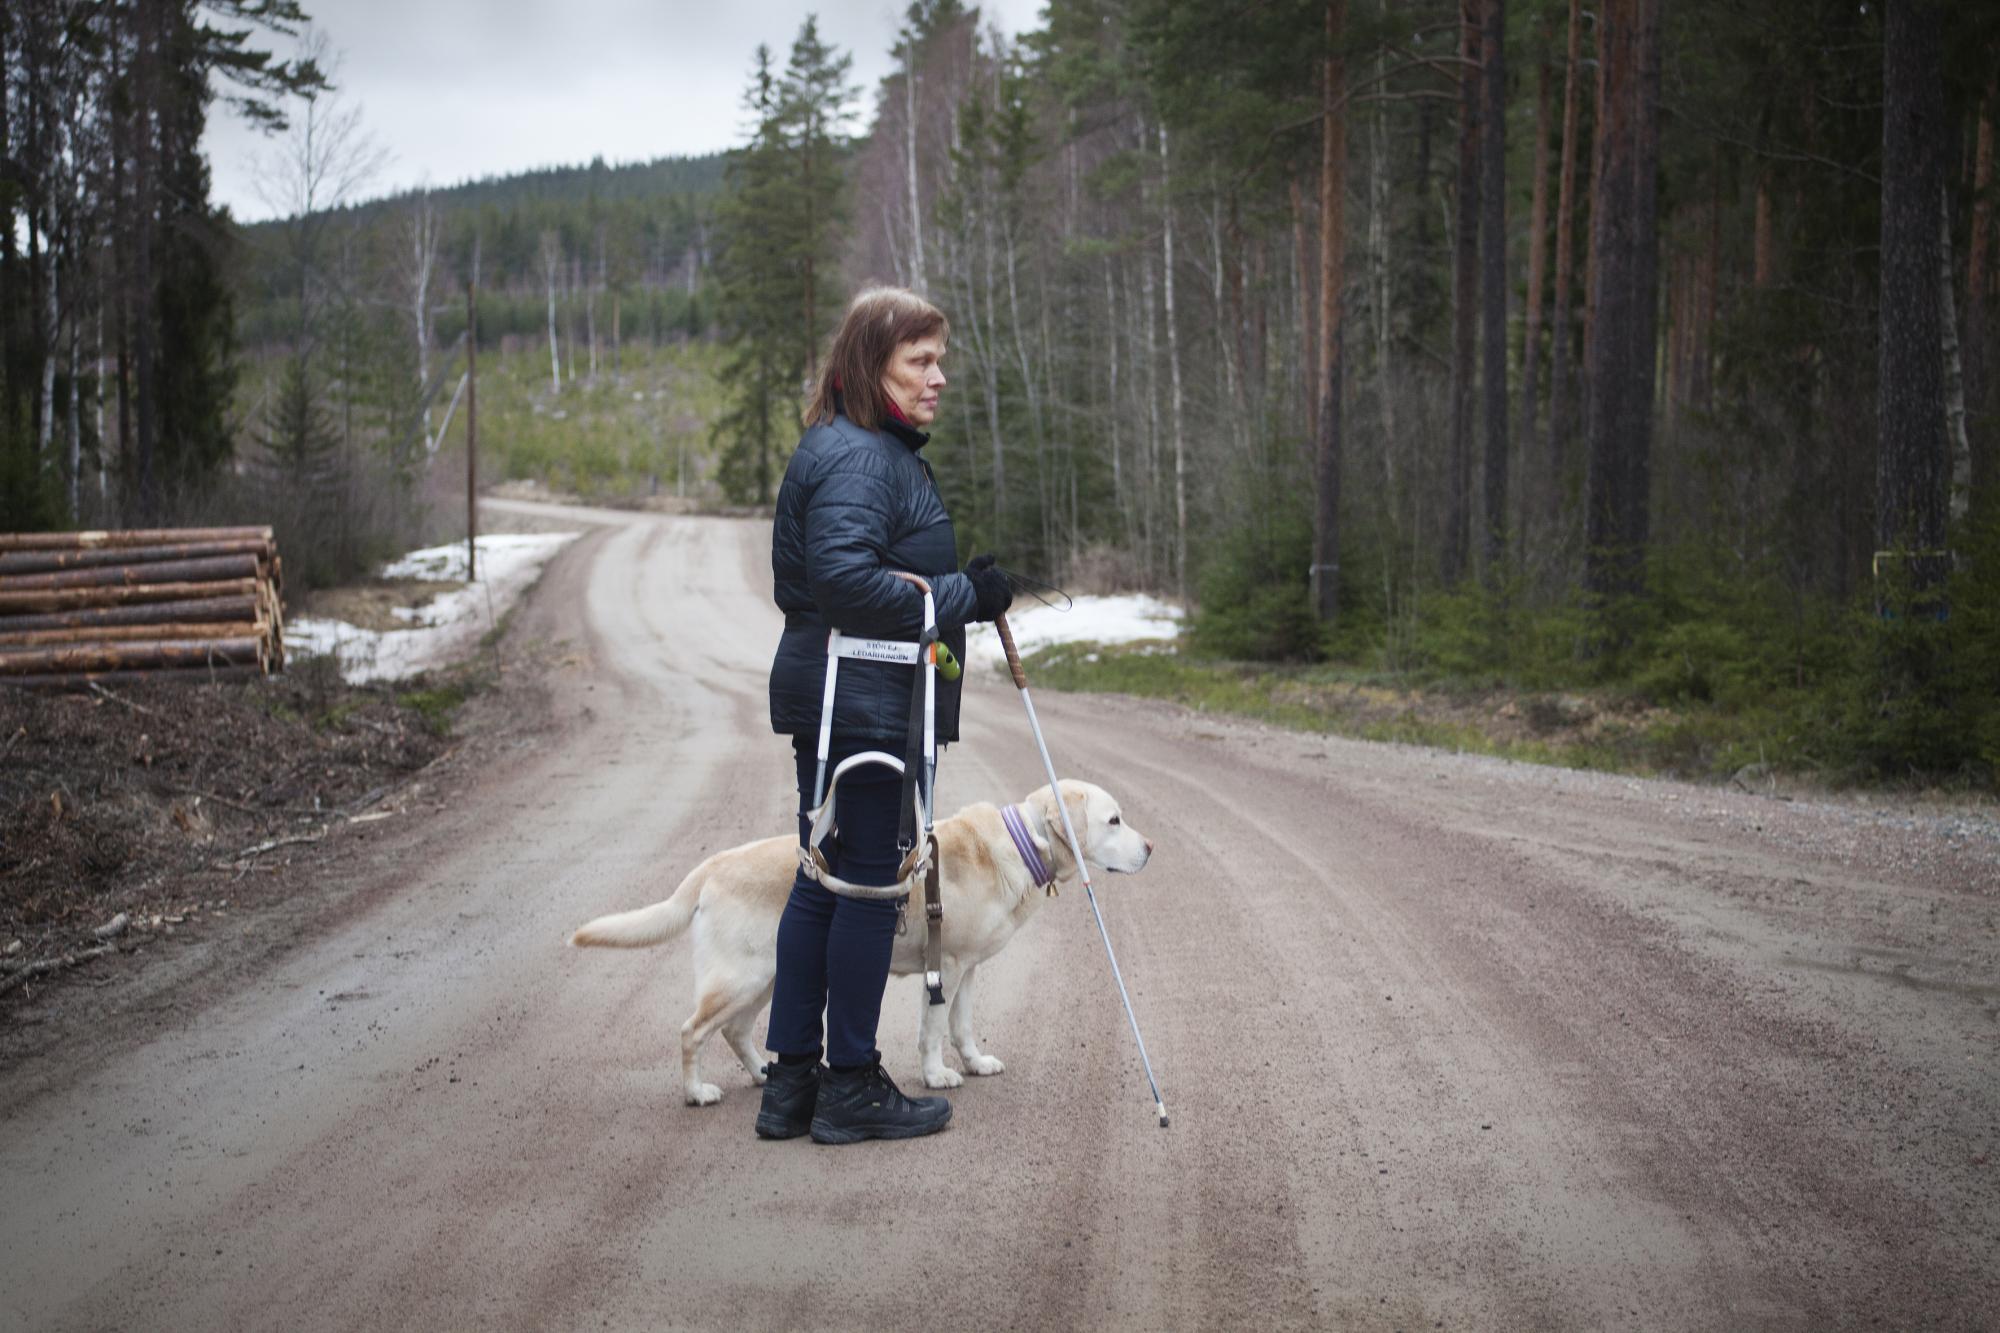 Regeringen vill flytta ledarhundsverksamheten från Synskadades riksförbund till myndigheten för delaktighet. På bilden signalerar ledarhunden Spike att det finns en väg till höger.